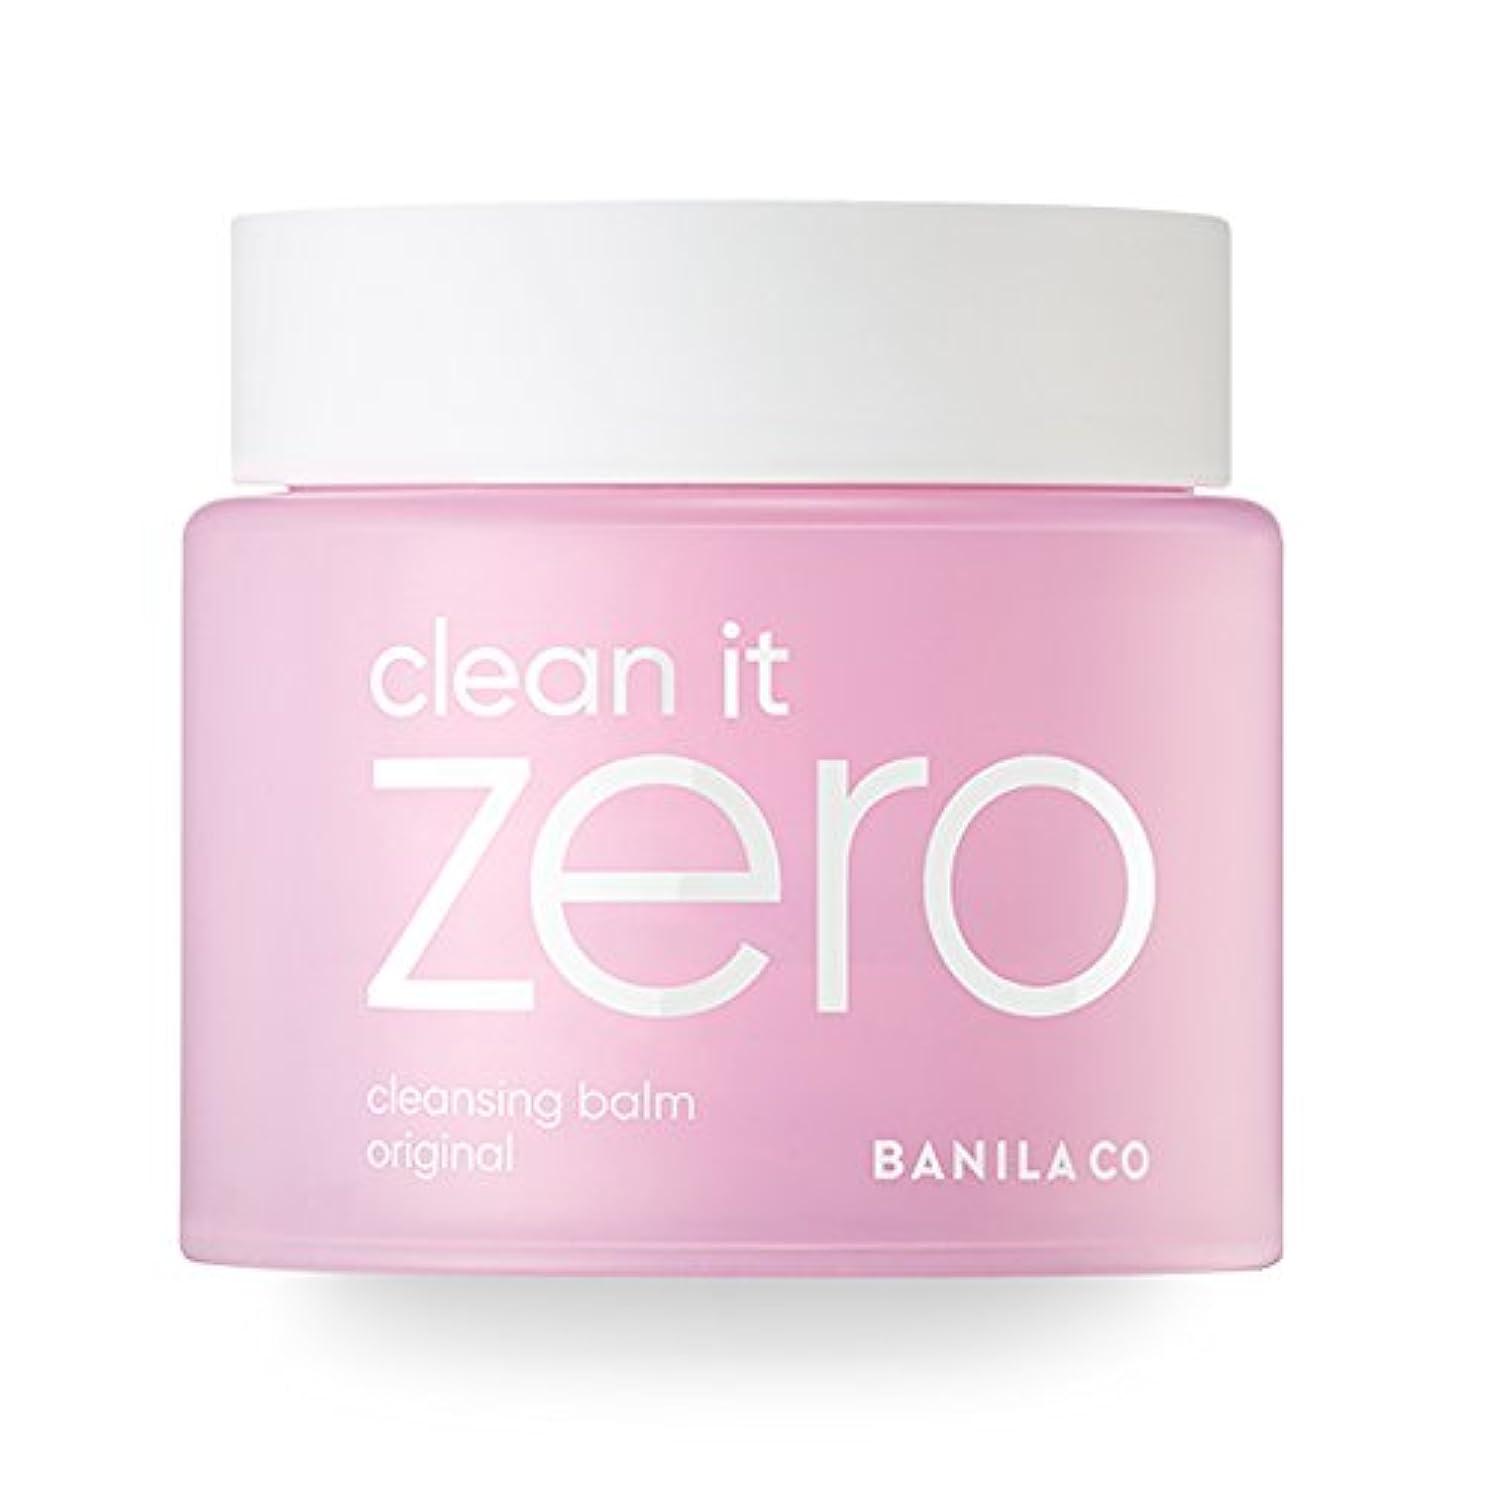 敬意を表して精度影のあるBANILA CO(バニラコ)公式ストア  バニラコ クリーン イット ゼロ クレンジング バーム オリジナル / Clean It Zero Cleansing Balm Original 180ml